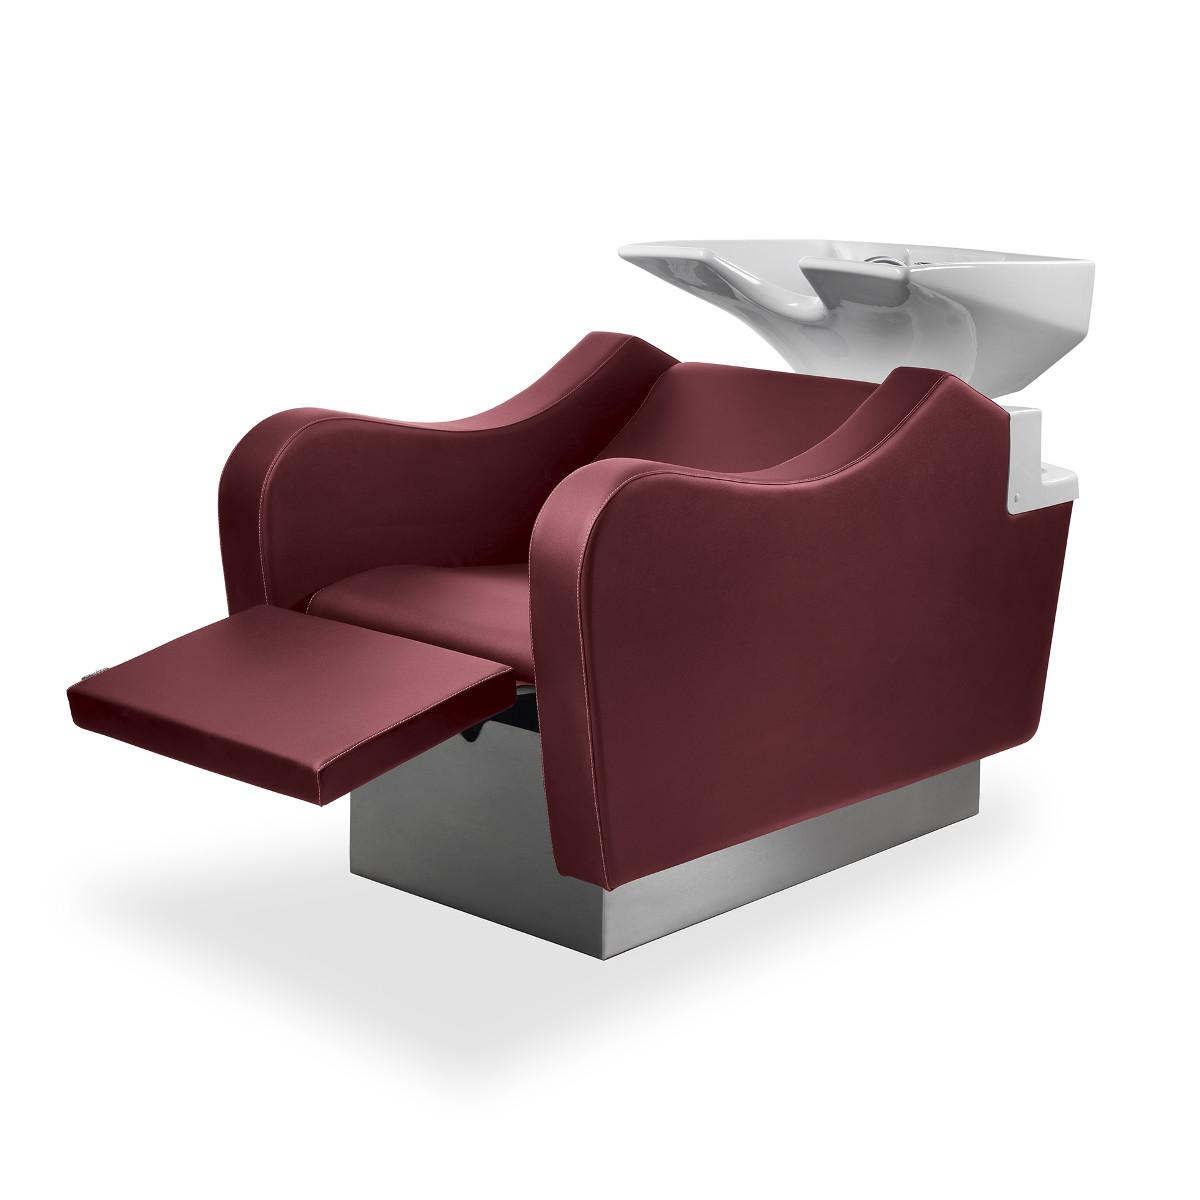 hop air massage bac de lavage mobicoiff. Black Bedroom Furniture Sets. Home Design Ideas